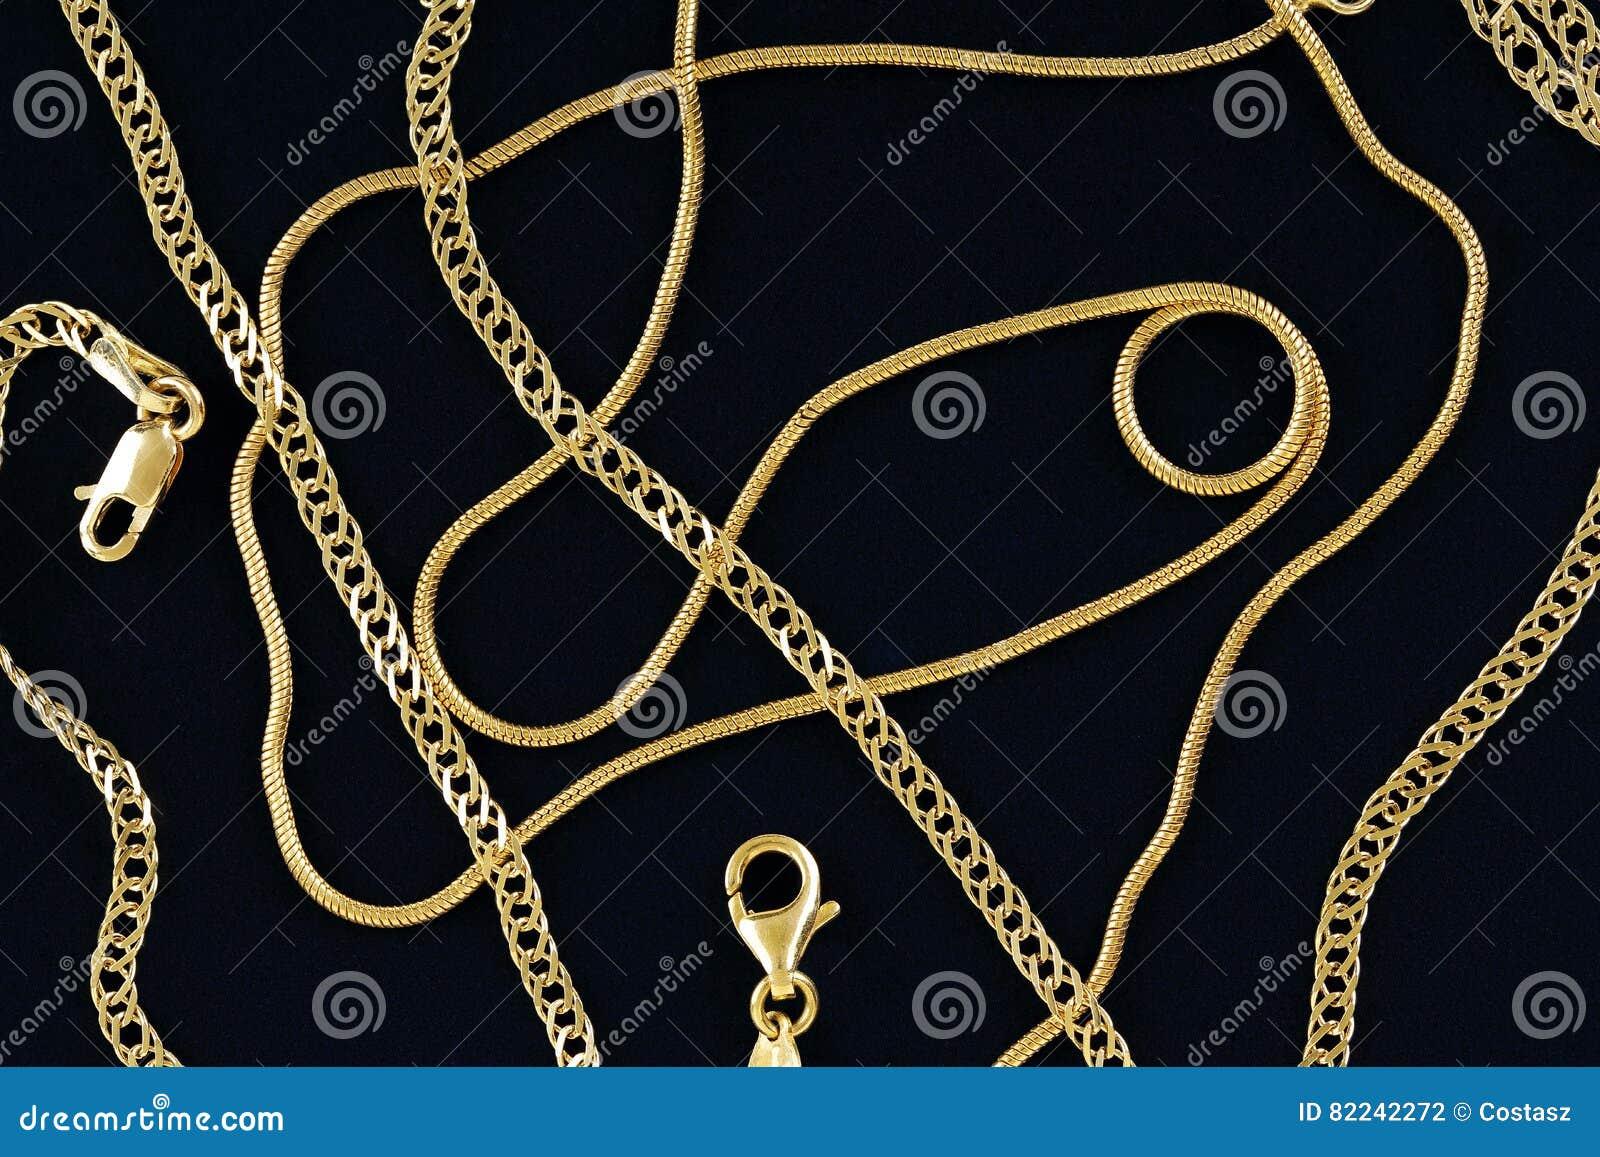 Gouden kettingen